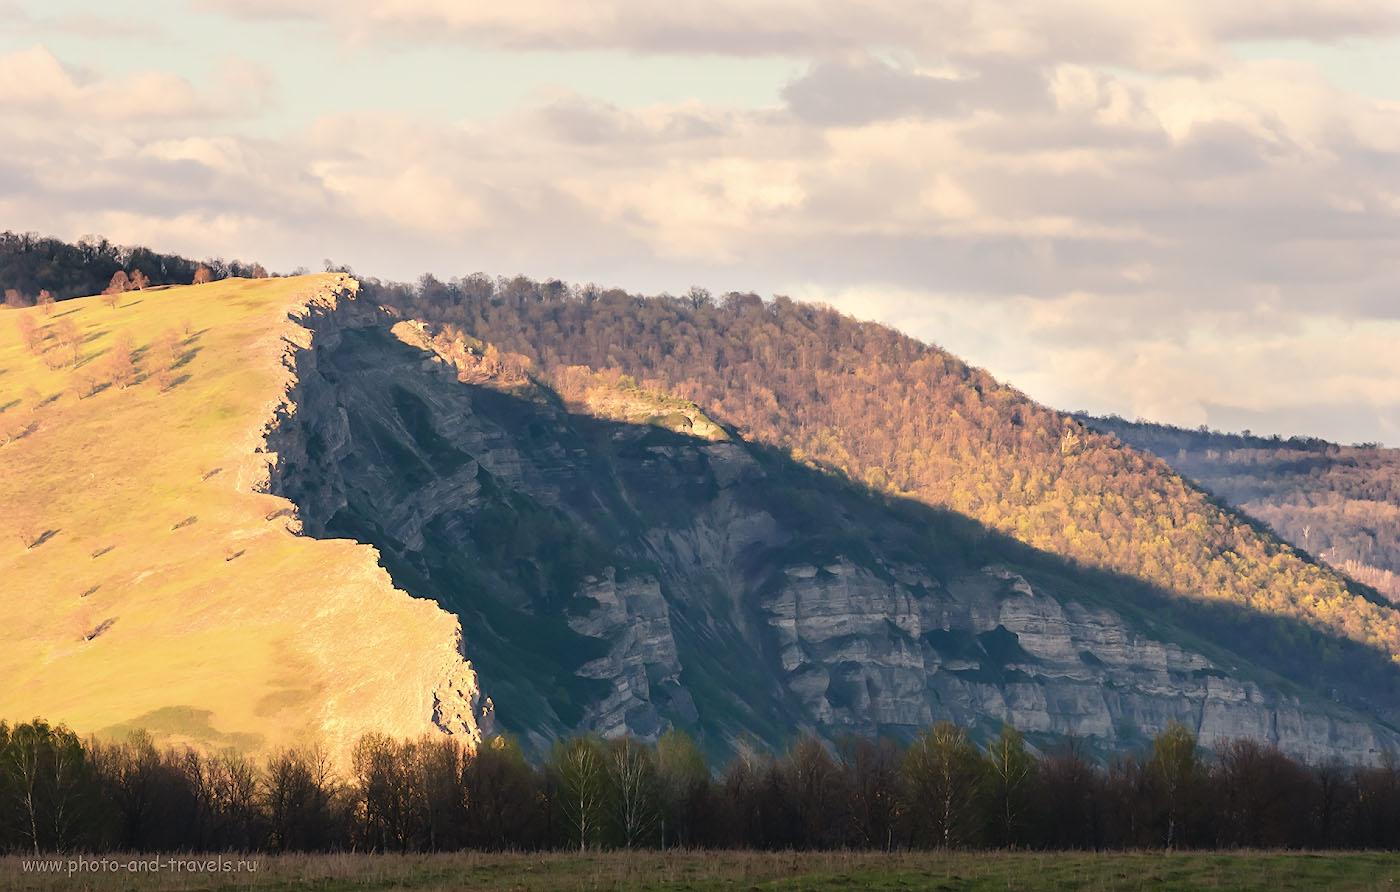 Фотография 34. Скала Уклы-Кая - одна из впечатляющих достопримечательностей Башкирии. Посмотрите на домики и на деревца, цепляющиеся за спину холма, чтобы понять, что 180 метров – это очень много! 1/320, -1.0, 8.0, 400, 200.